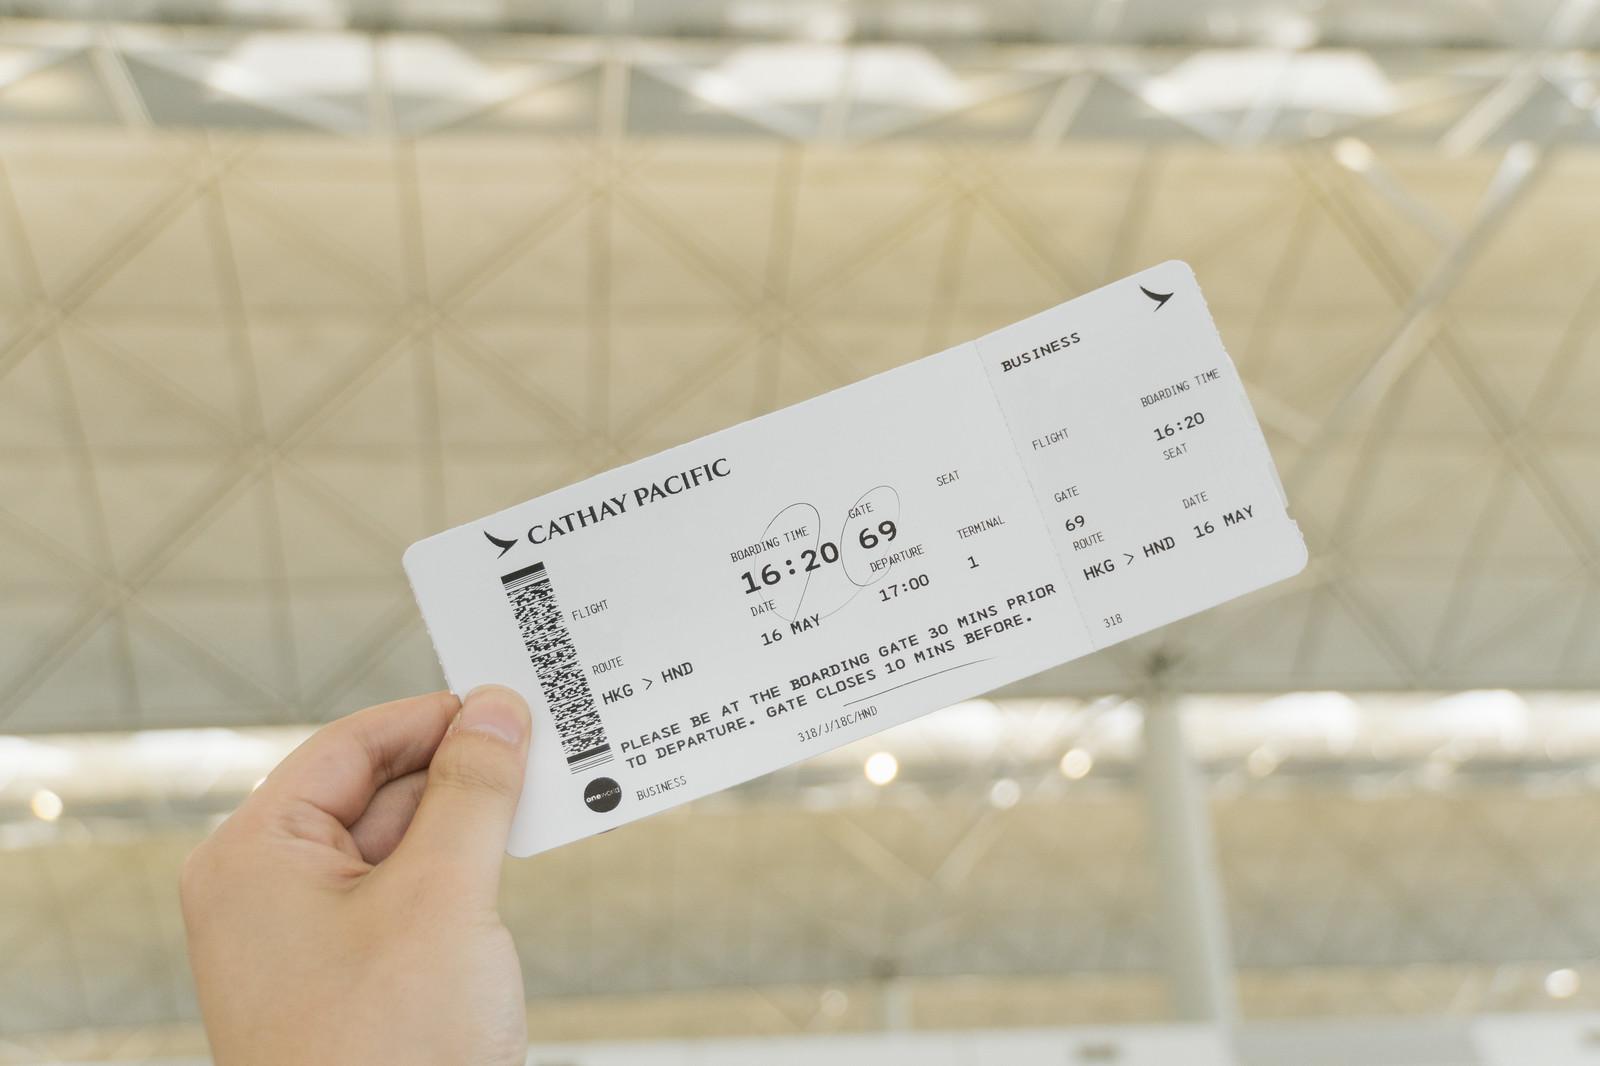 違法チケット